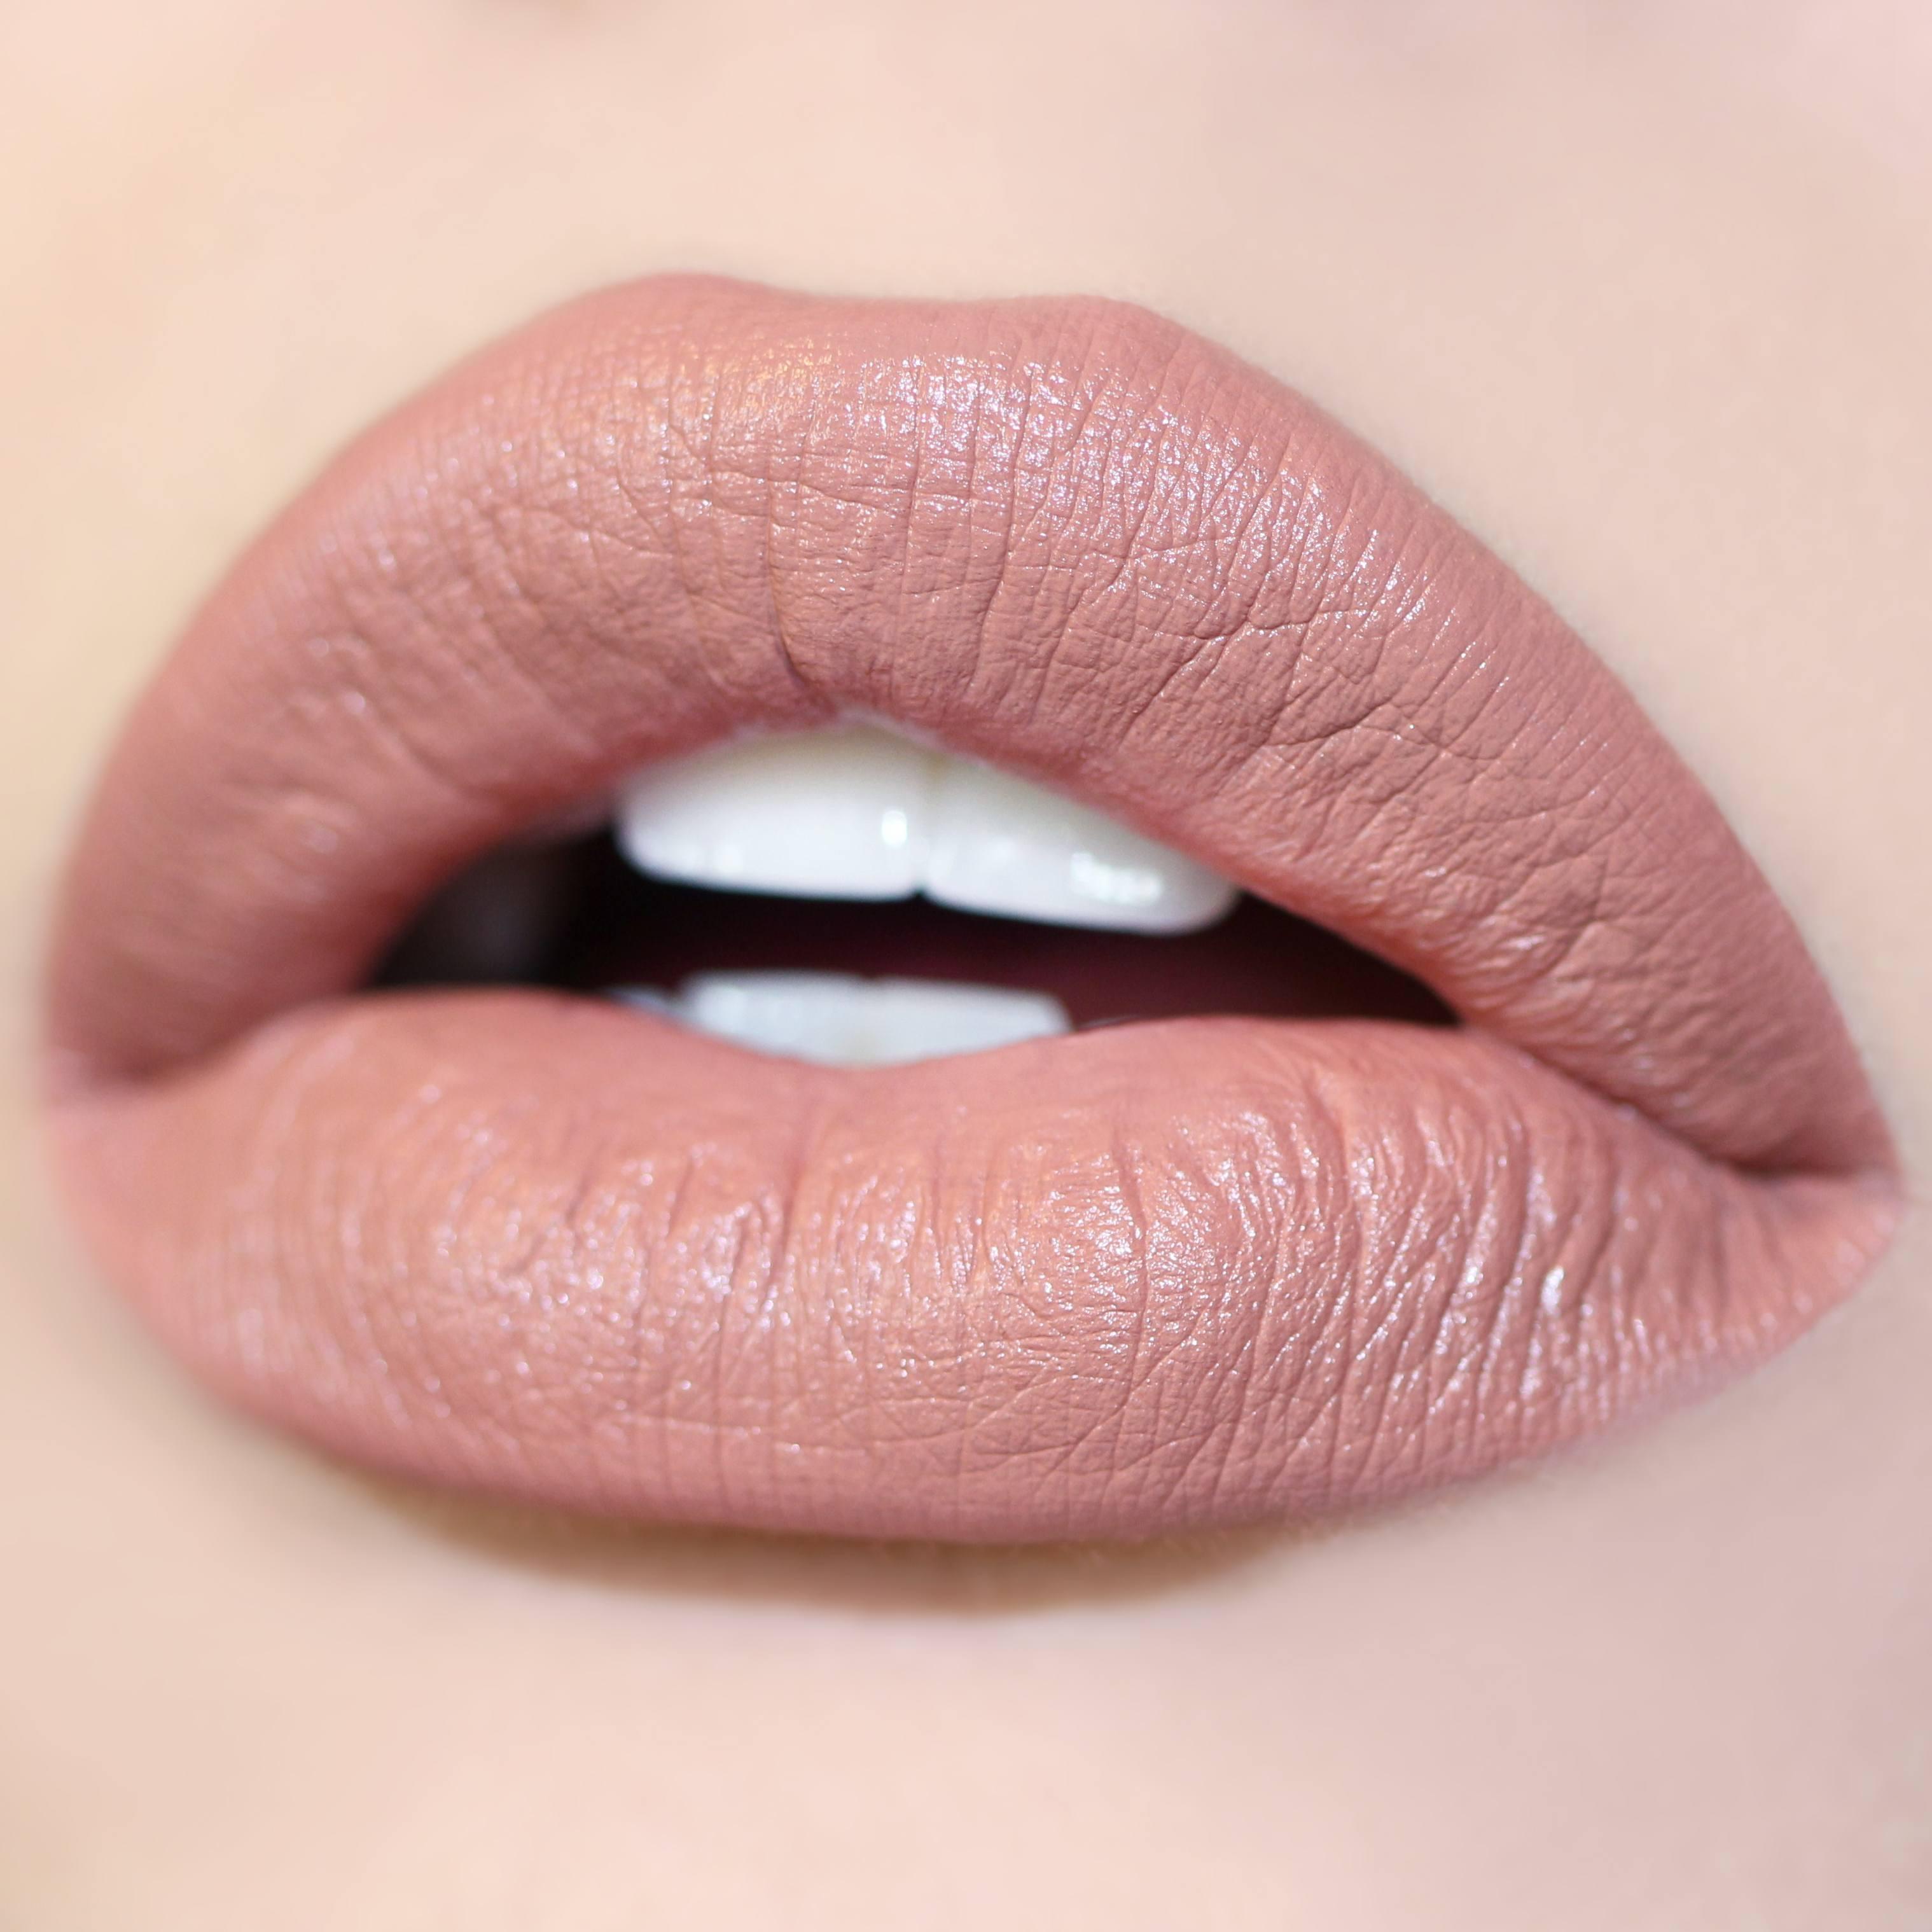 Colourpop Ultra Satin Lip #Magic Wand